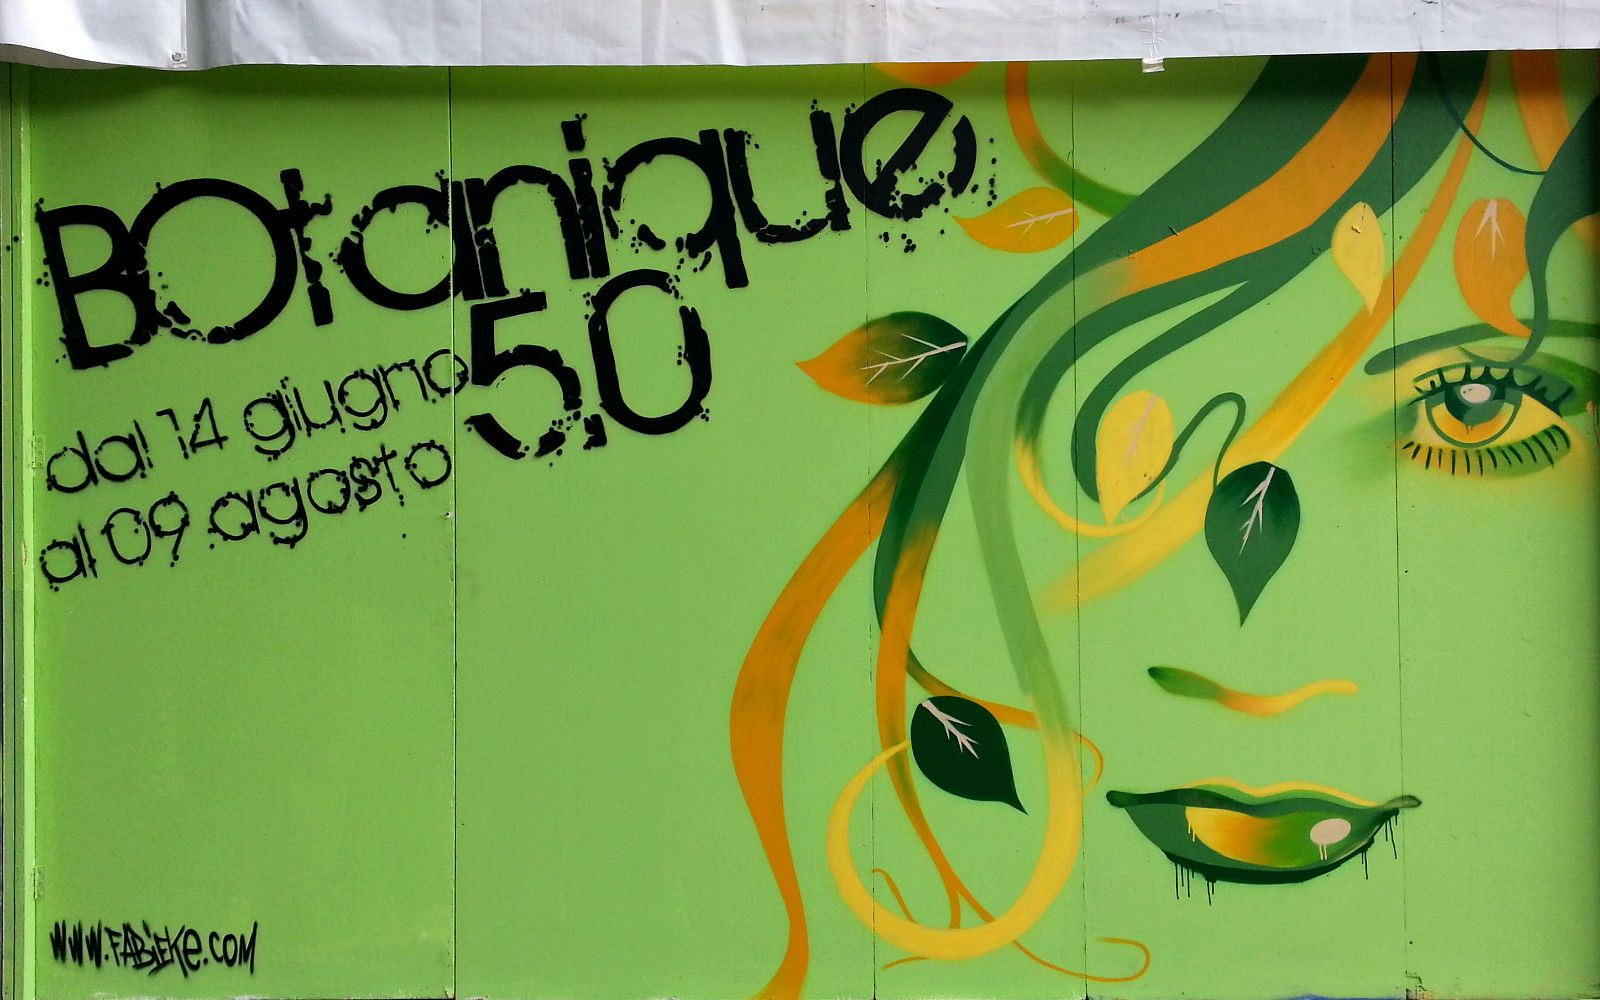 BOtanique 5.0